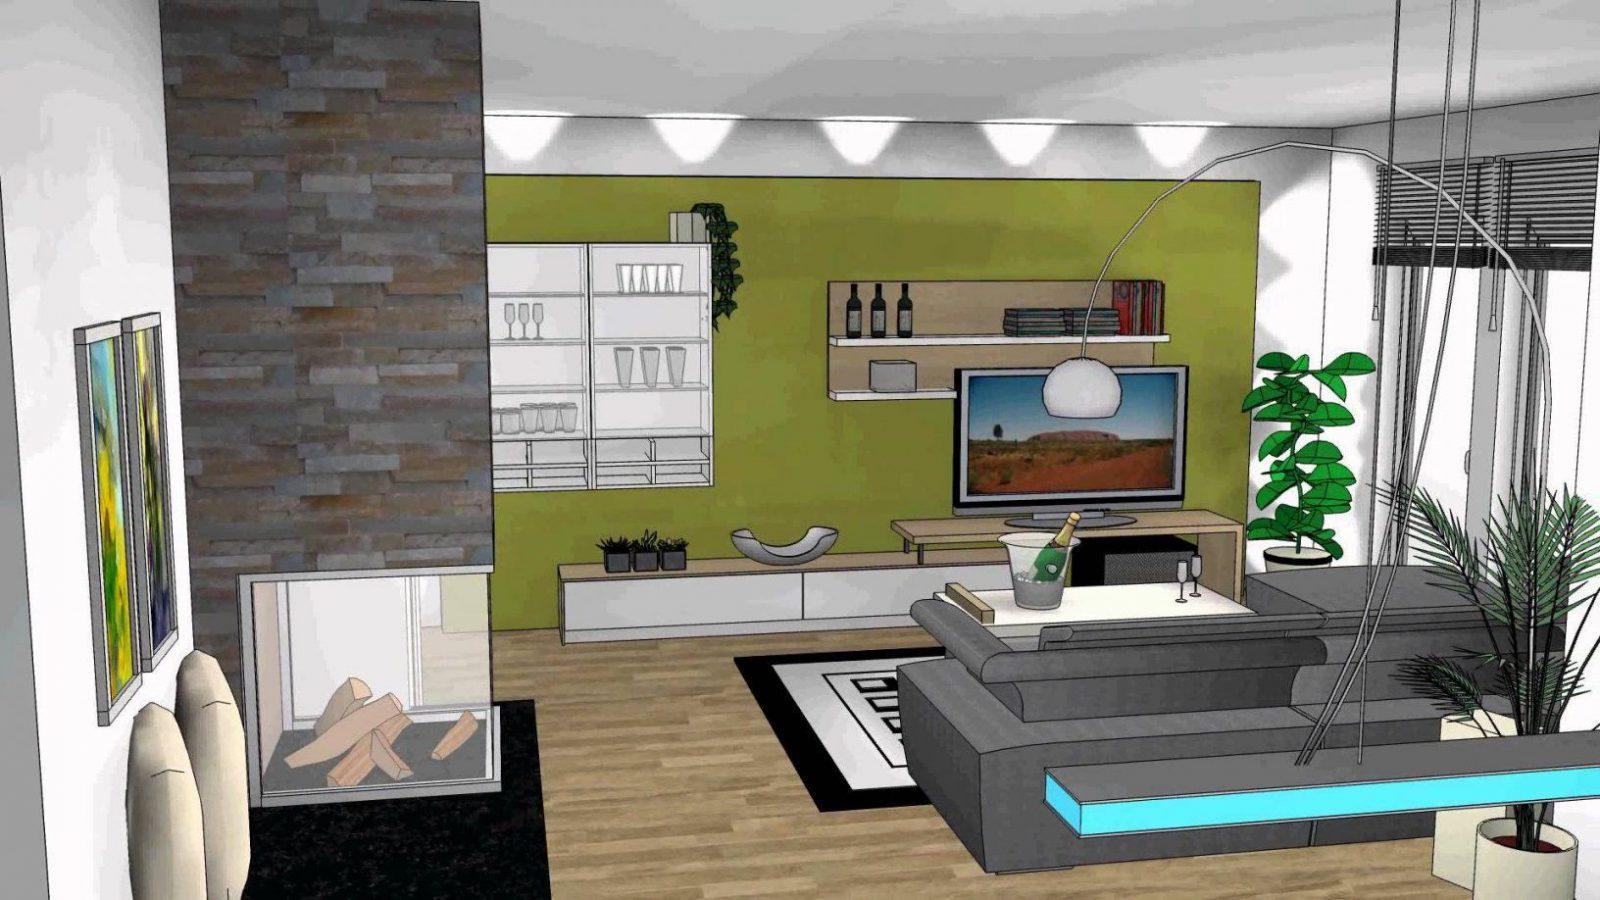 Gallery Of Wohn Und Esszimmer Modern  Wohn Esszimmer Ideen von Wohn Und Esszimmer Gestalten Photo